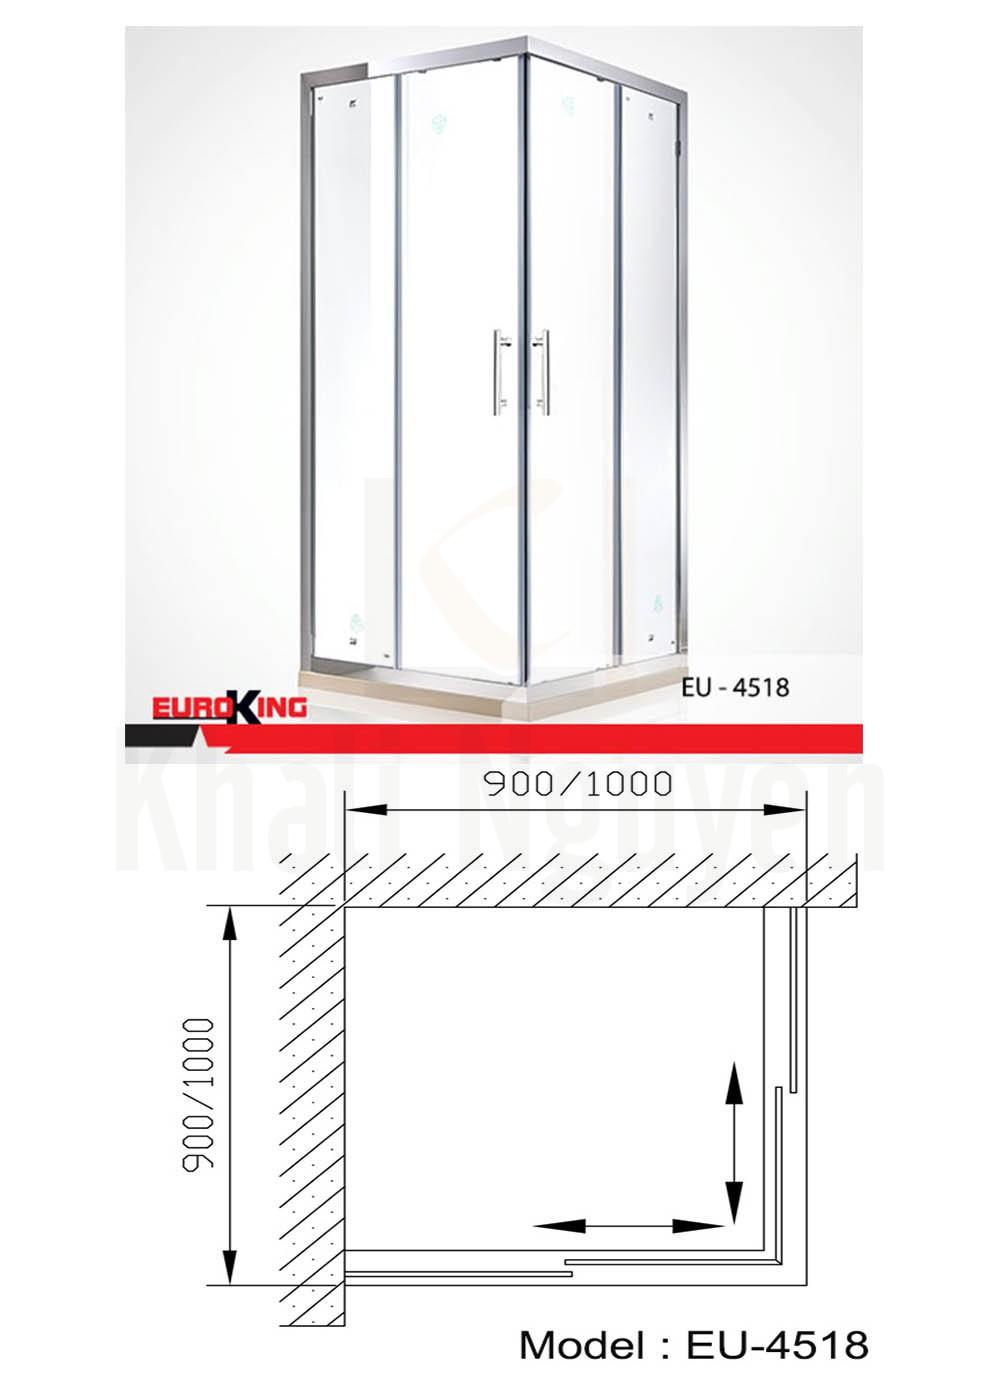 Bản vẽ kỹ thuật Phòng tắm vách kính Euroking EU- 4518